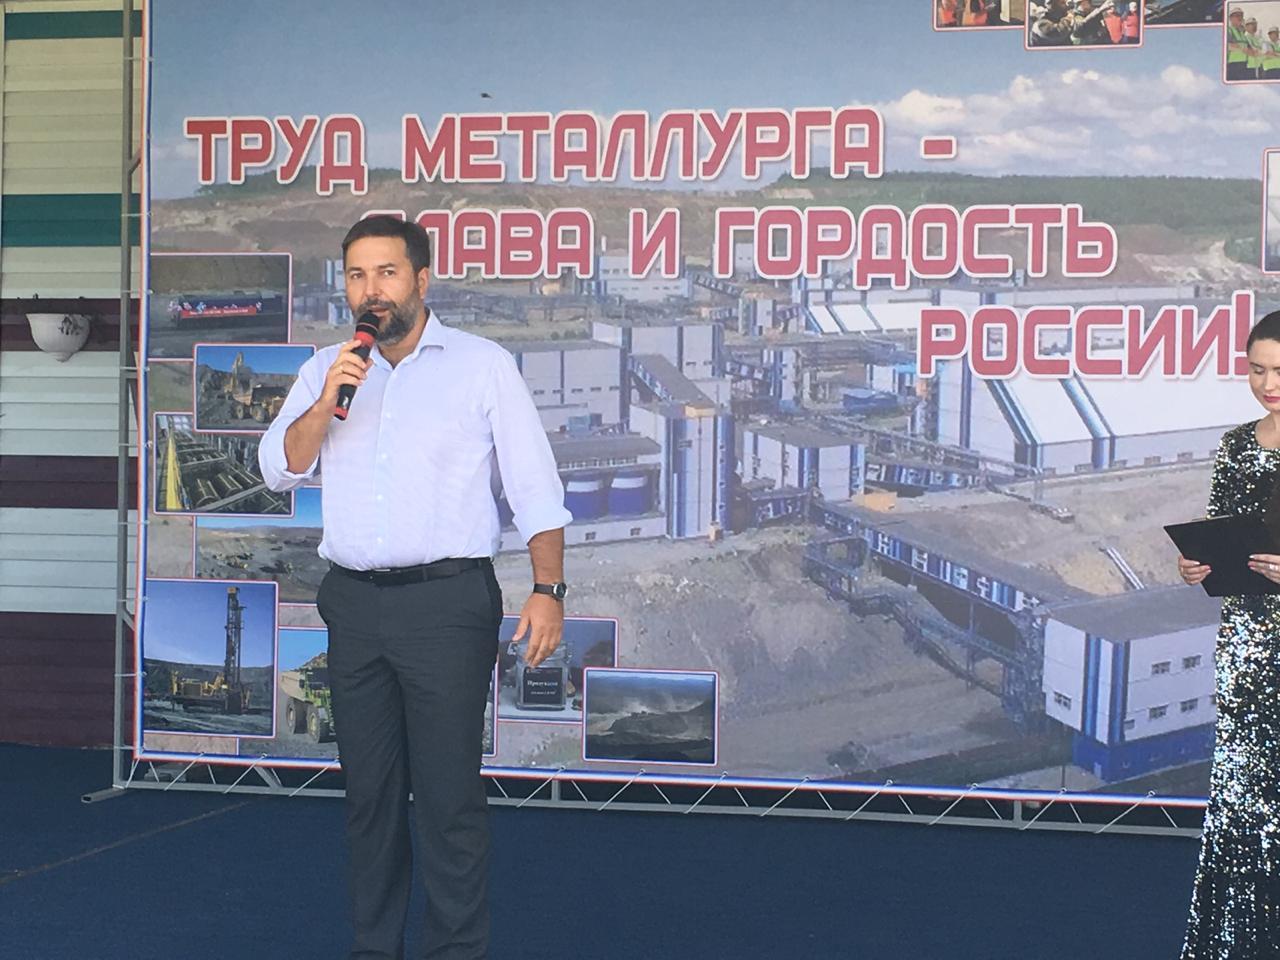 День металлурга поздравление губернатора